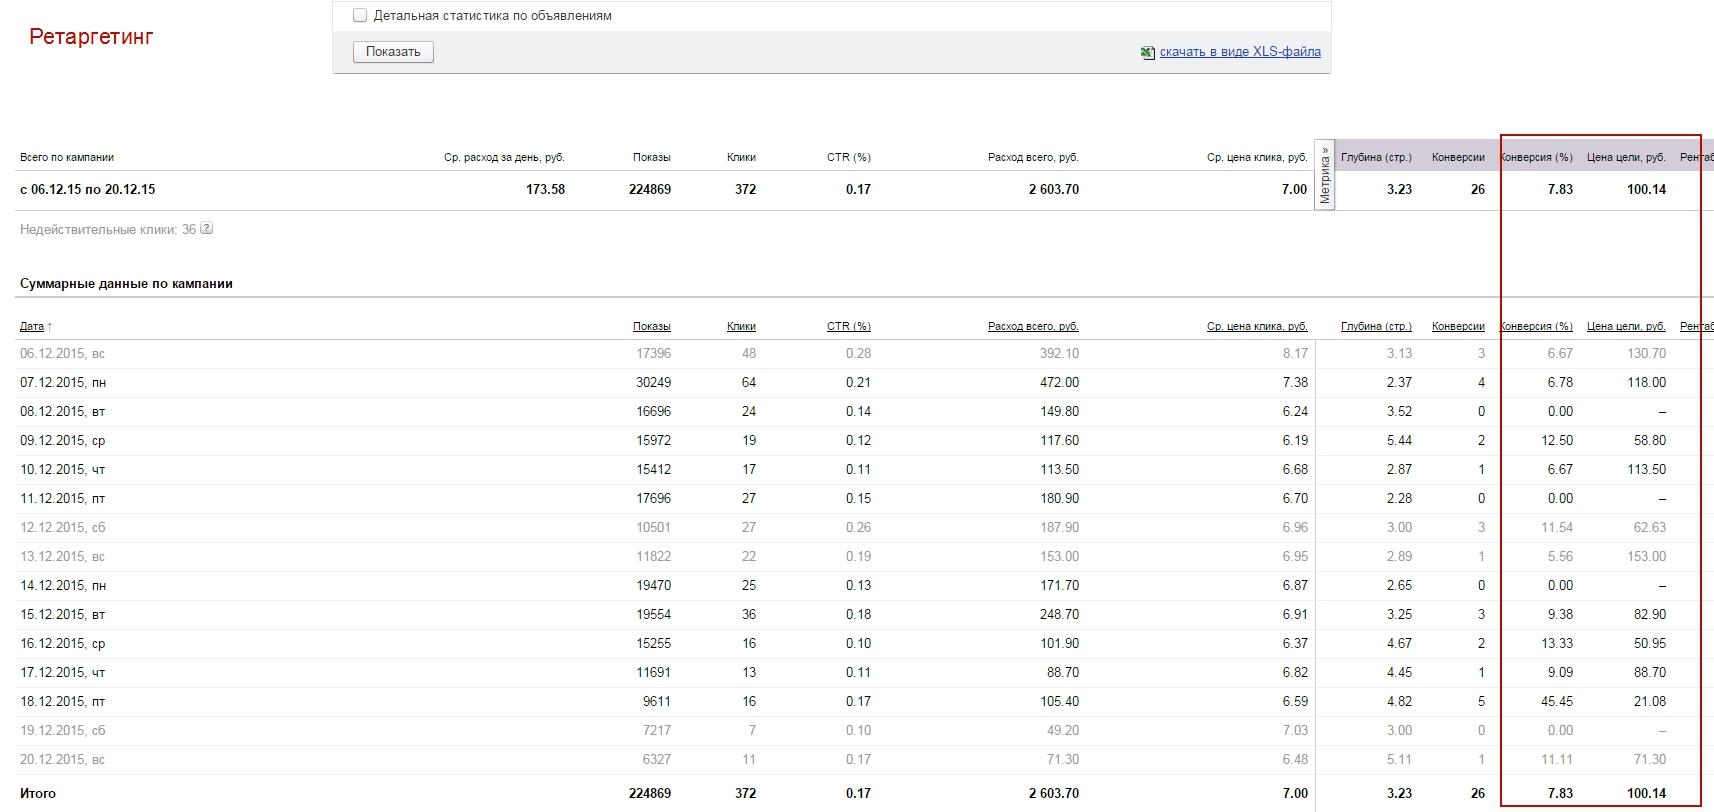 Продажа гель-лаков и инструментов по цене 140-150 руб/заявка